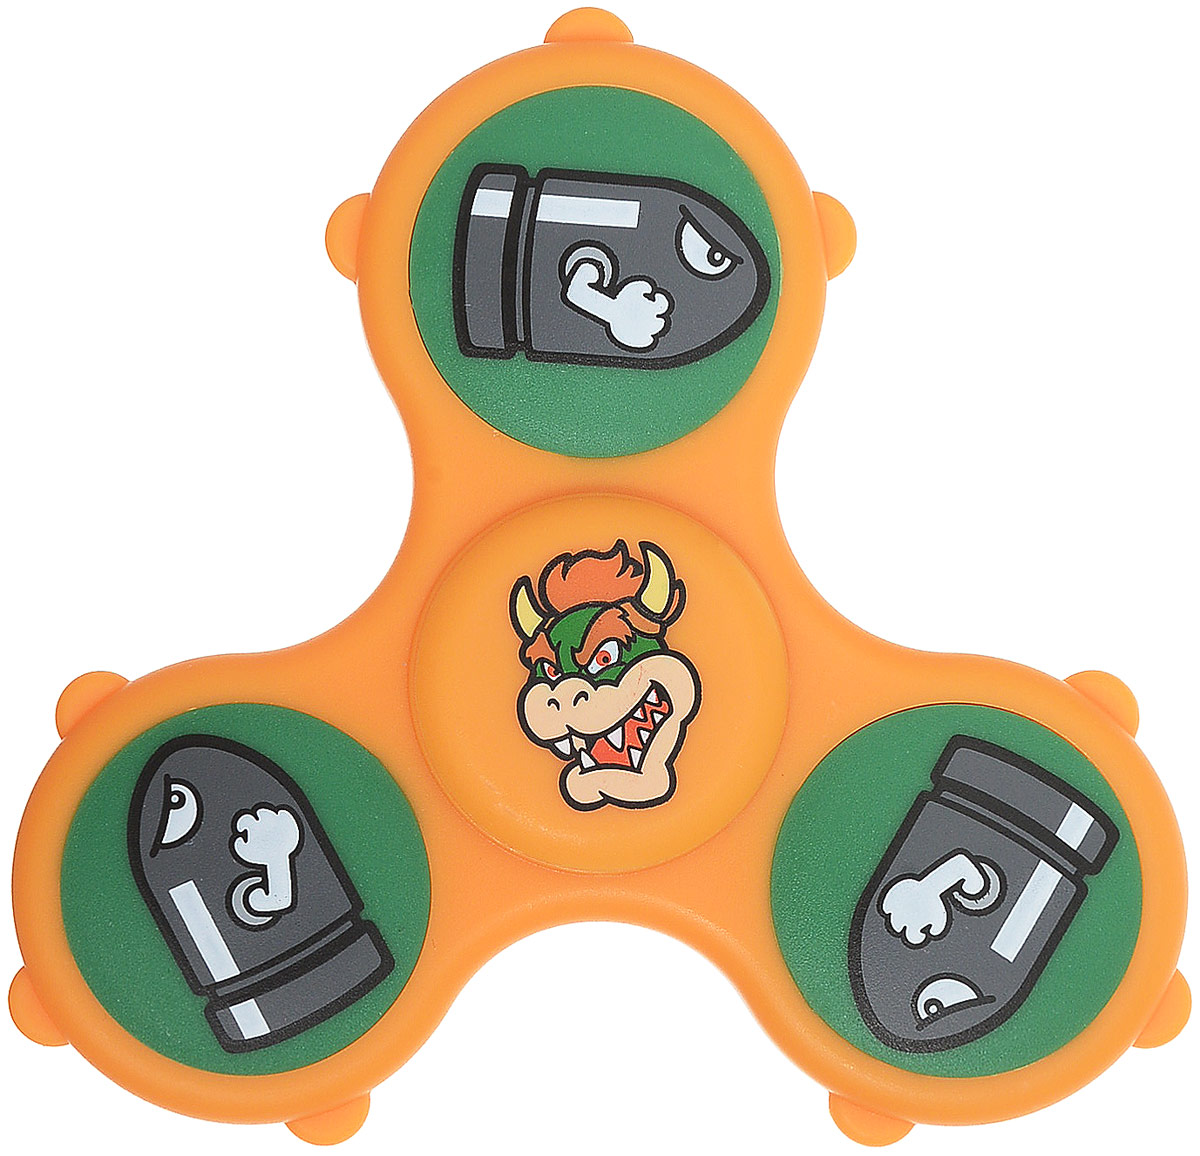 Fidget Its Спиннер Nintendo Bowser игровая консоль nintendo switch red super mario odyssey